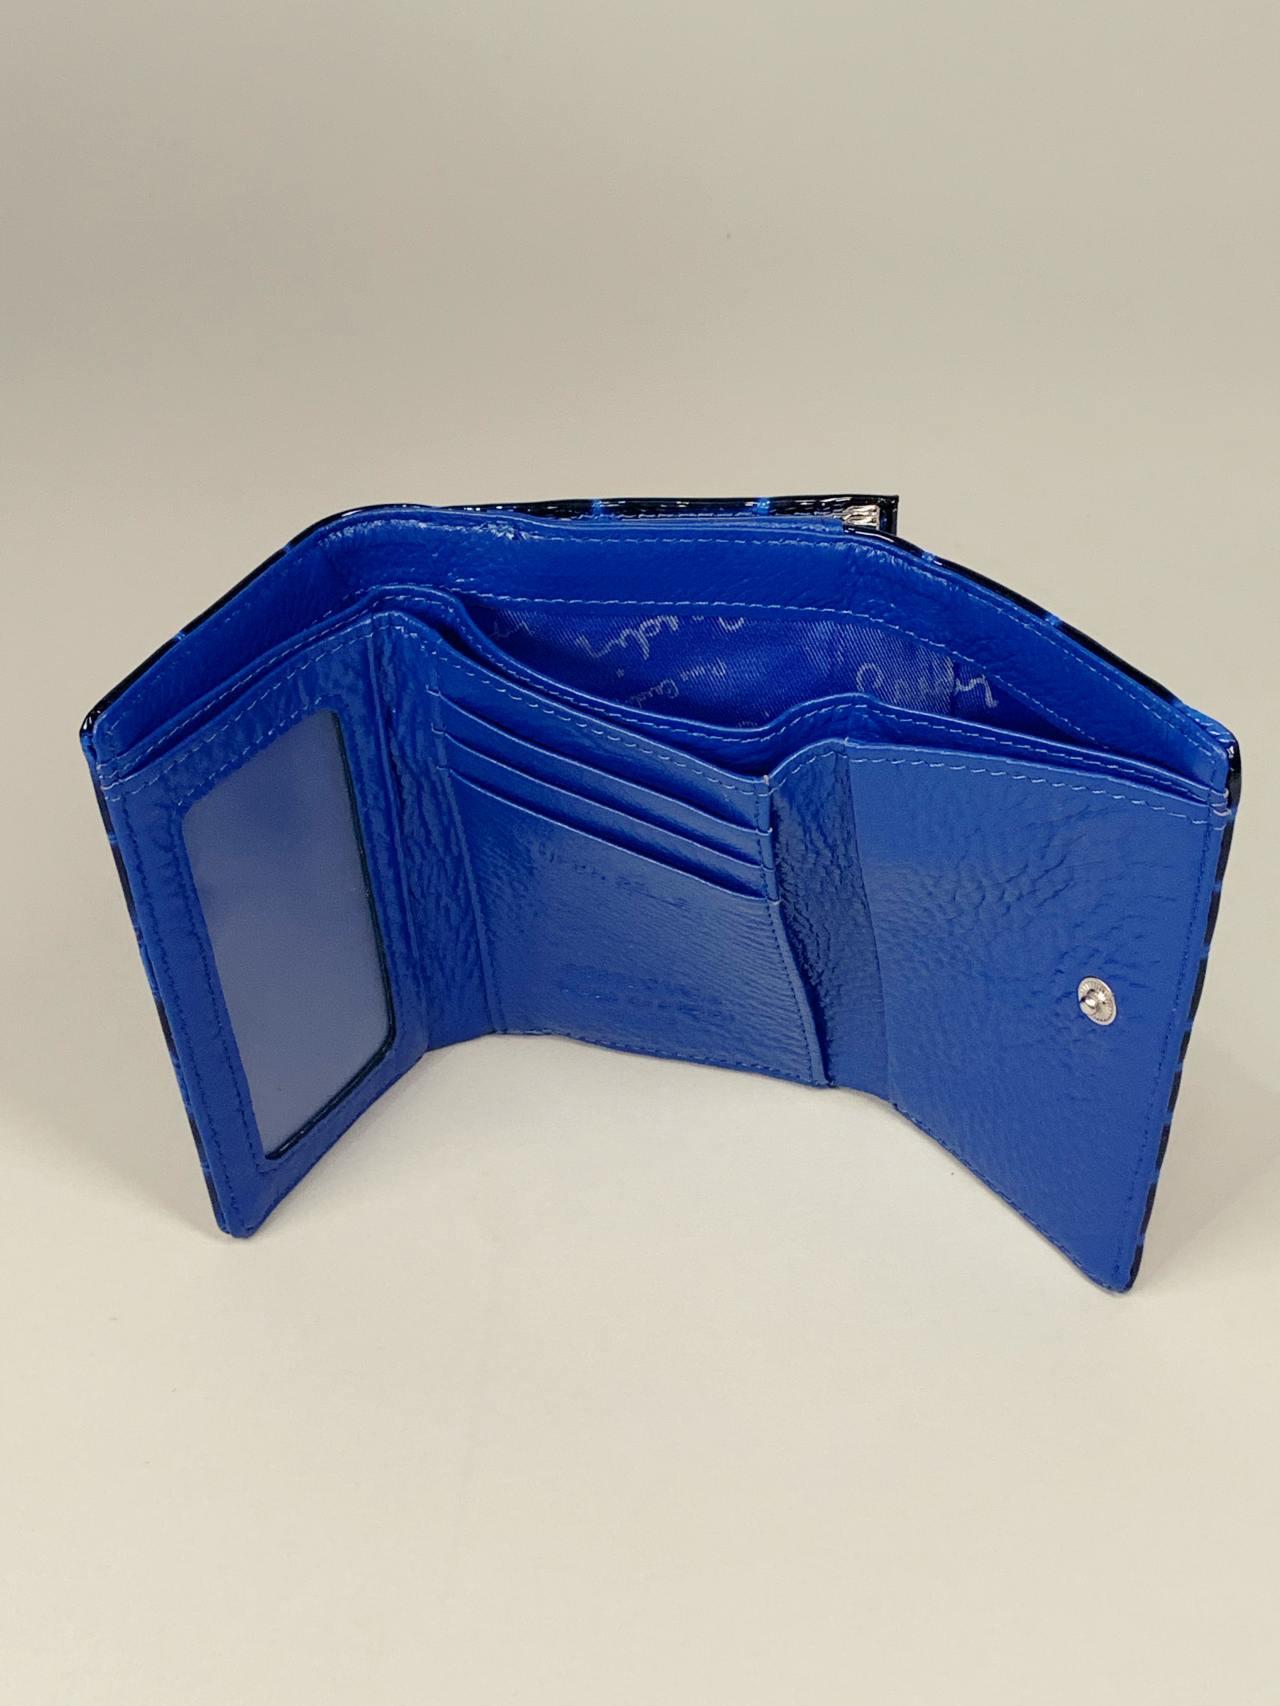 Kožená peněženka Pierre Cardin S modrá -03